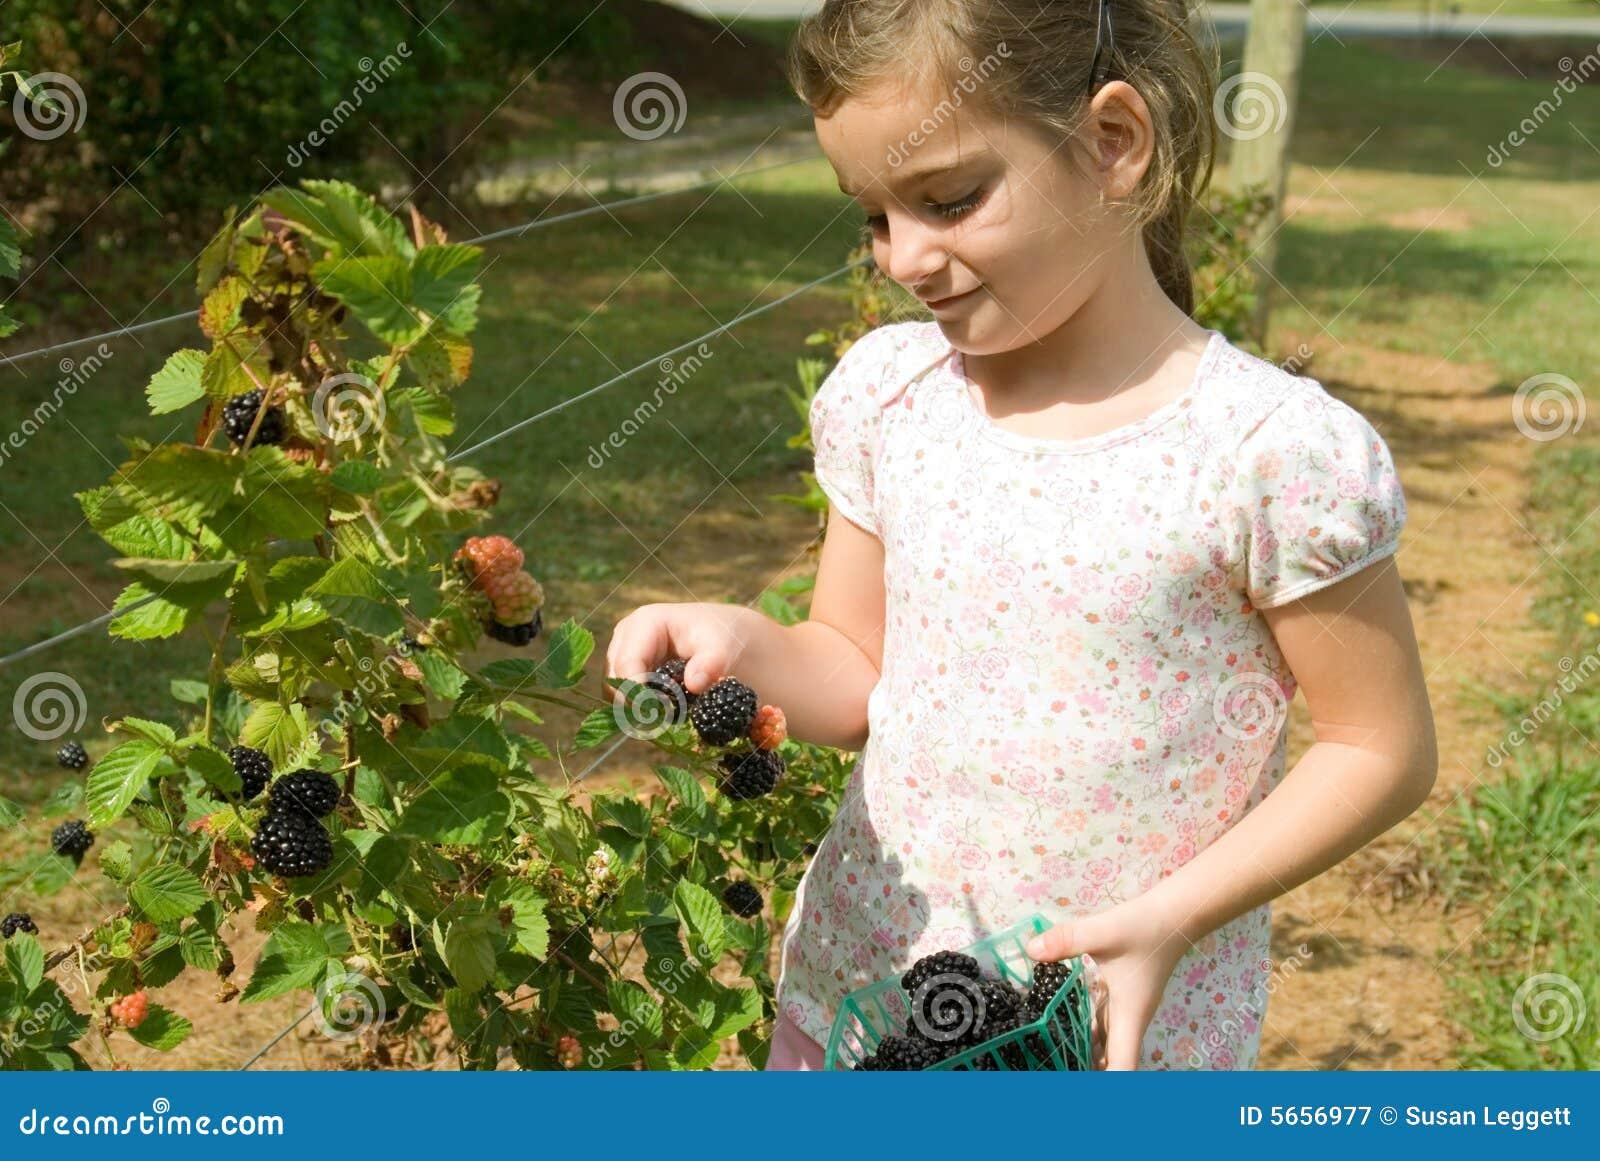 Mädchen-Sammeln-Brombeeren